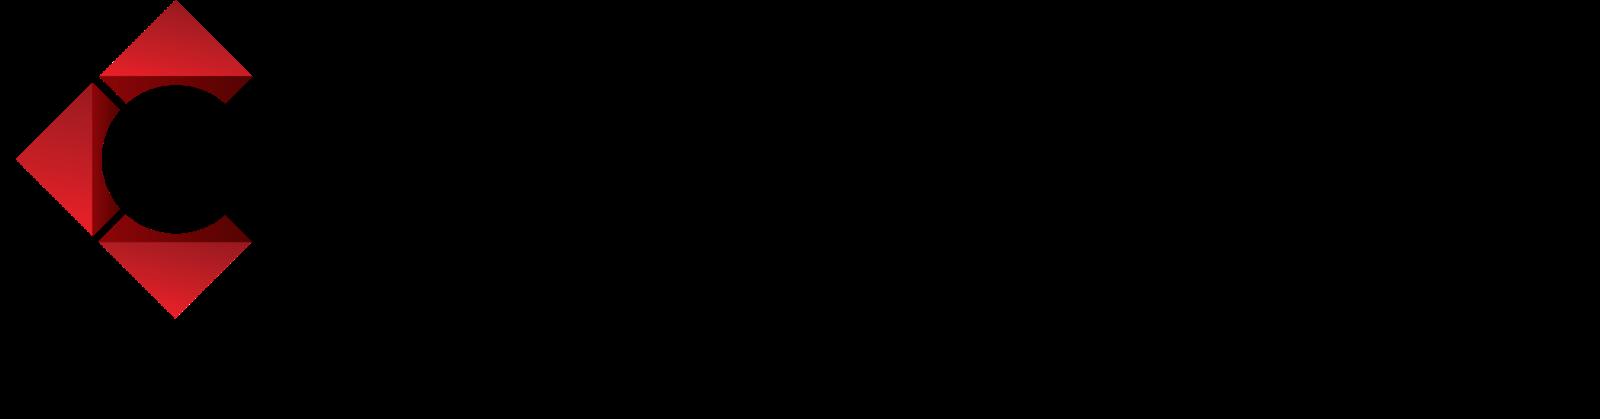 CYDIAPLUS.com